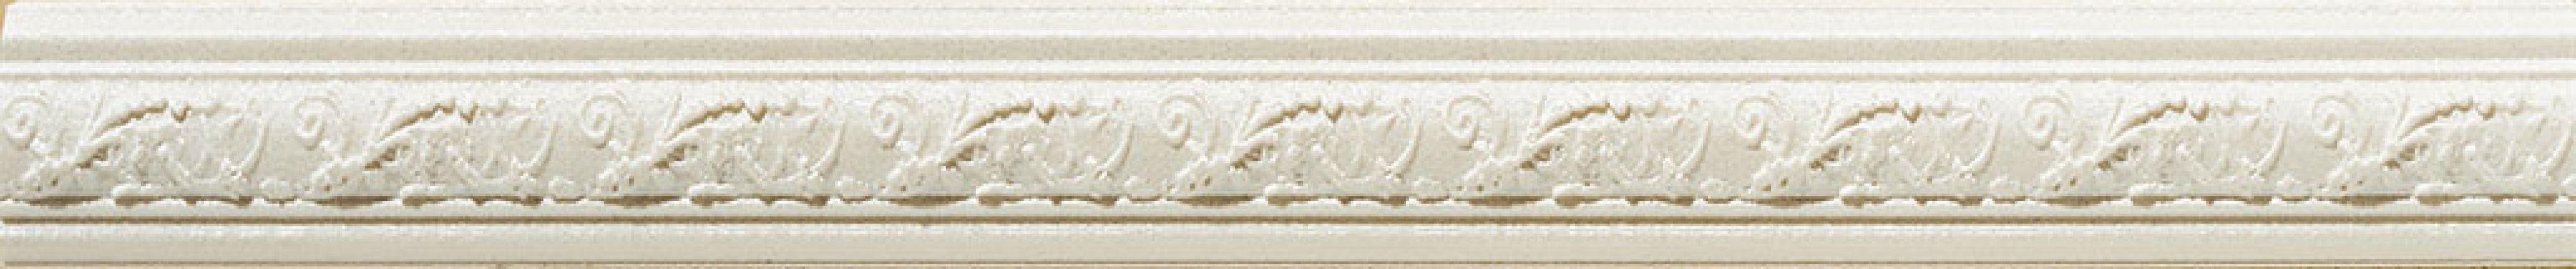 MOLDURA ARADIA MARFIL 3x29